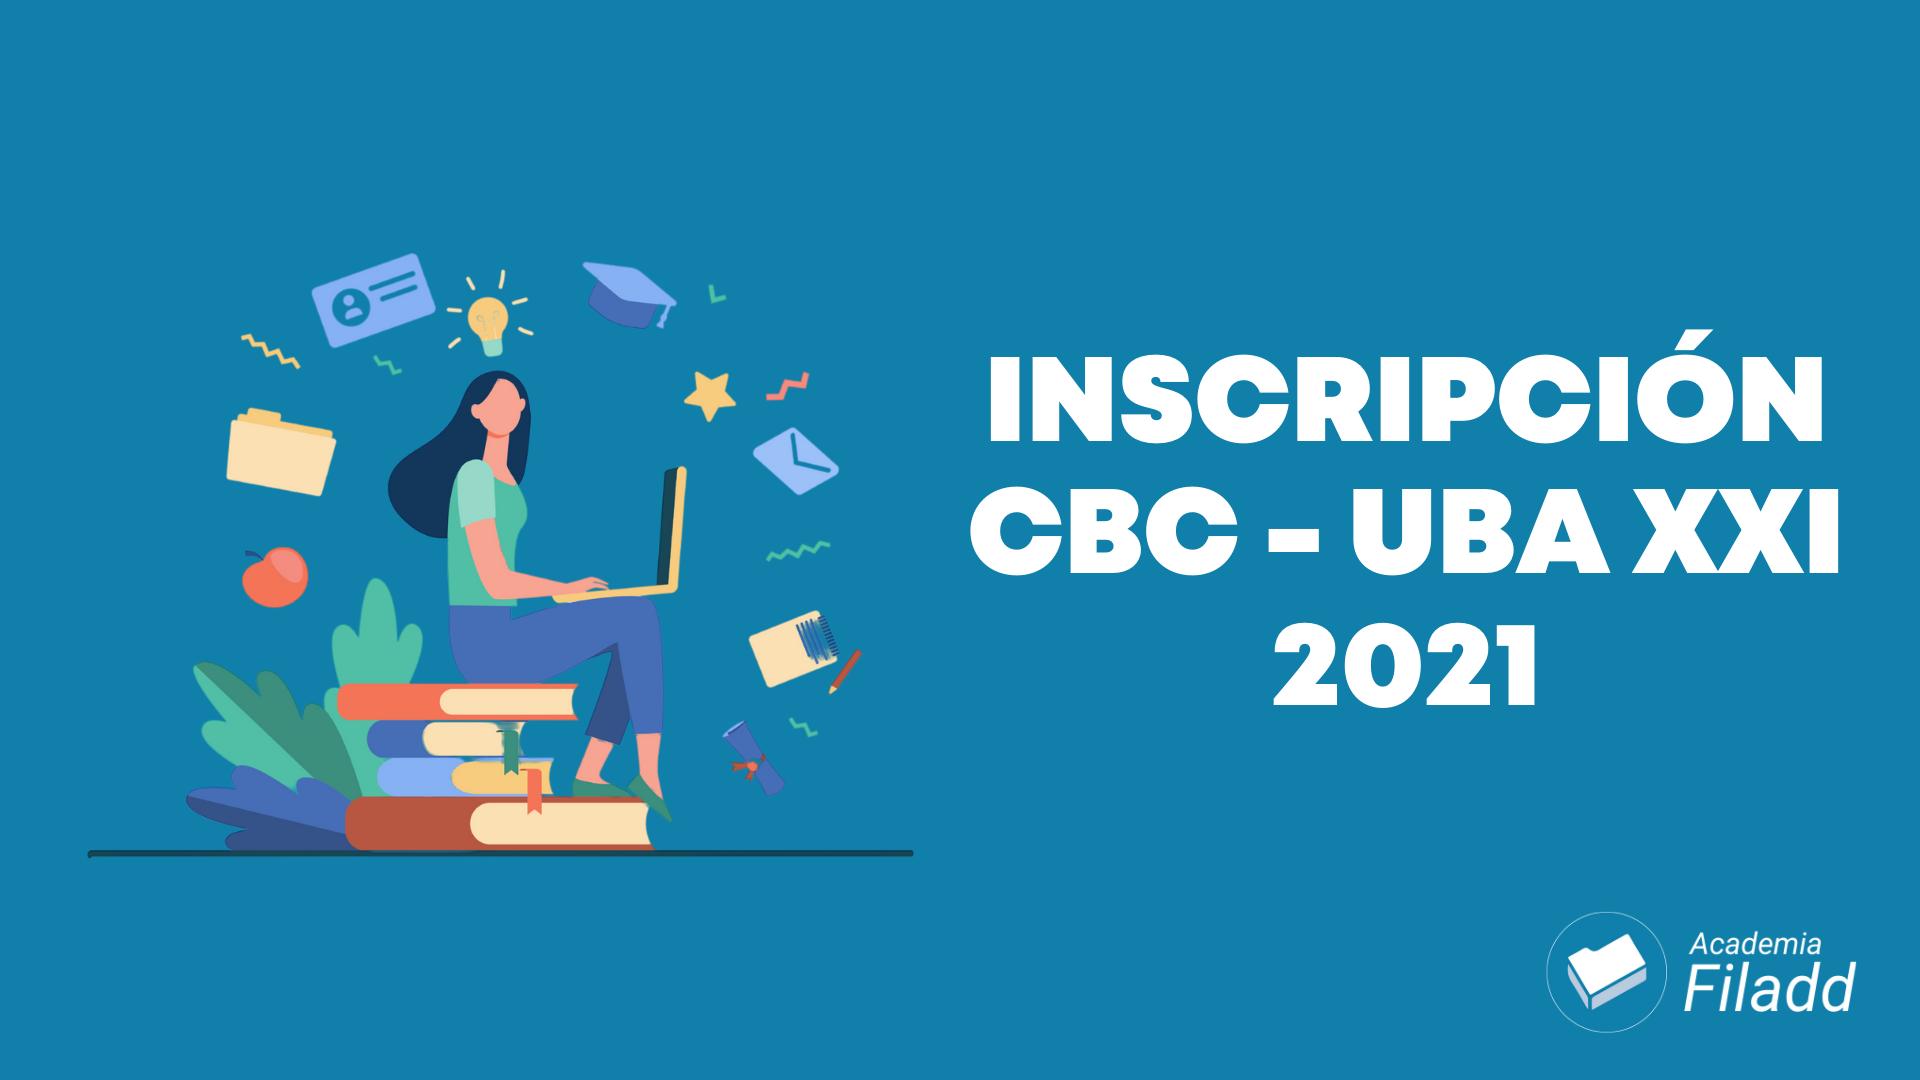 Como Inscribirse Al Cbc Y Uba Xxi 2021 Filadd Blog